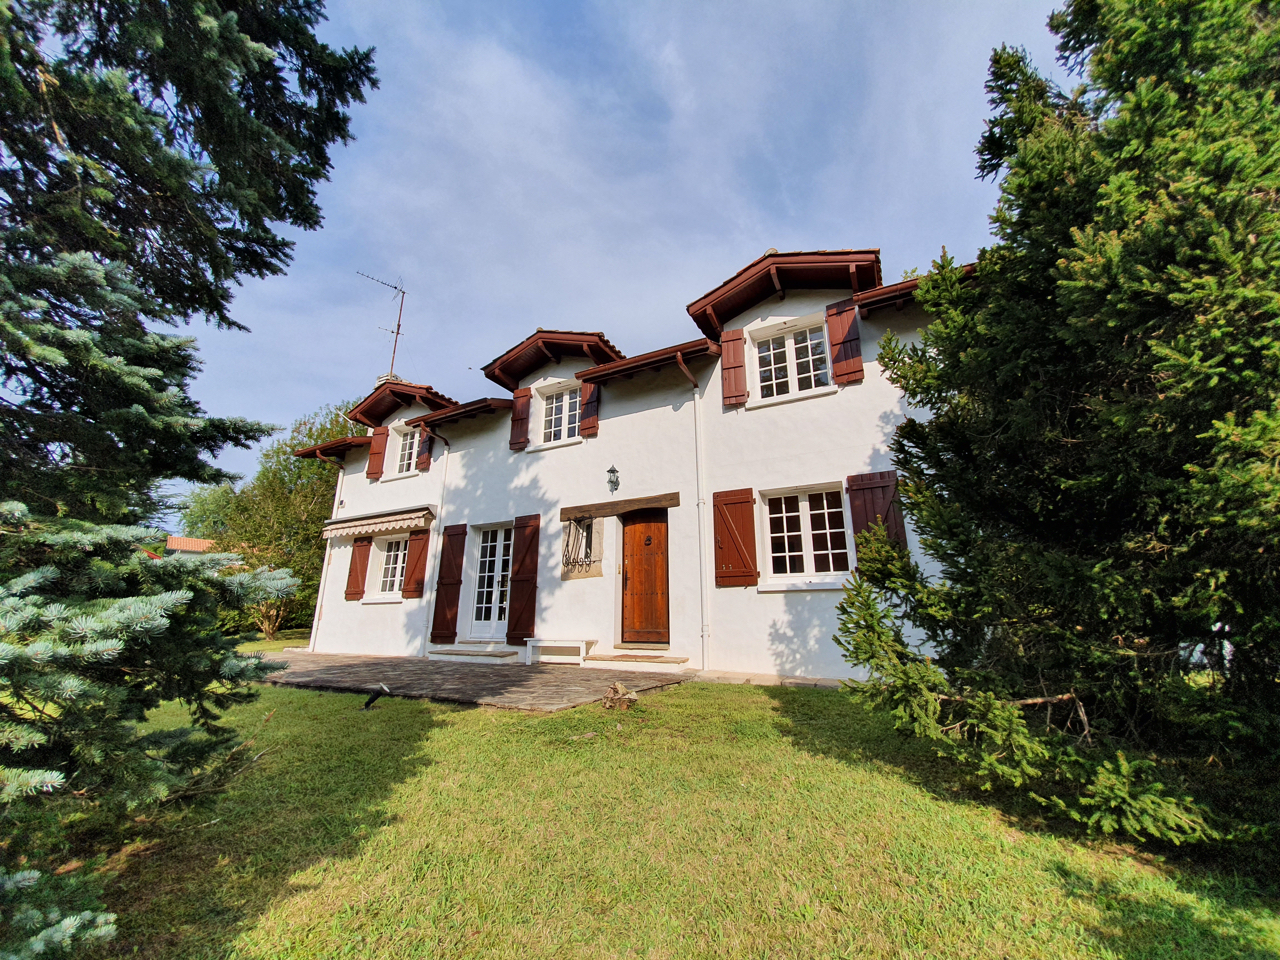 vente maison à ASCAIN - 770 000